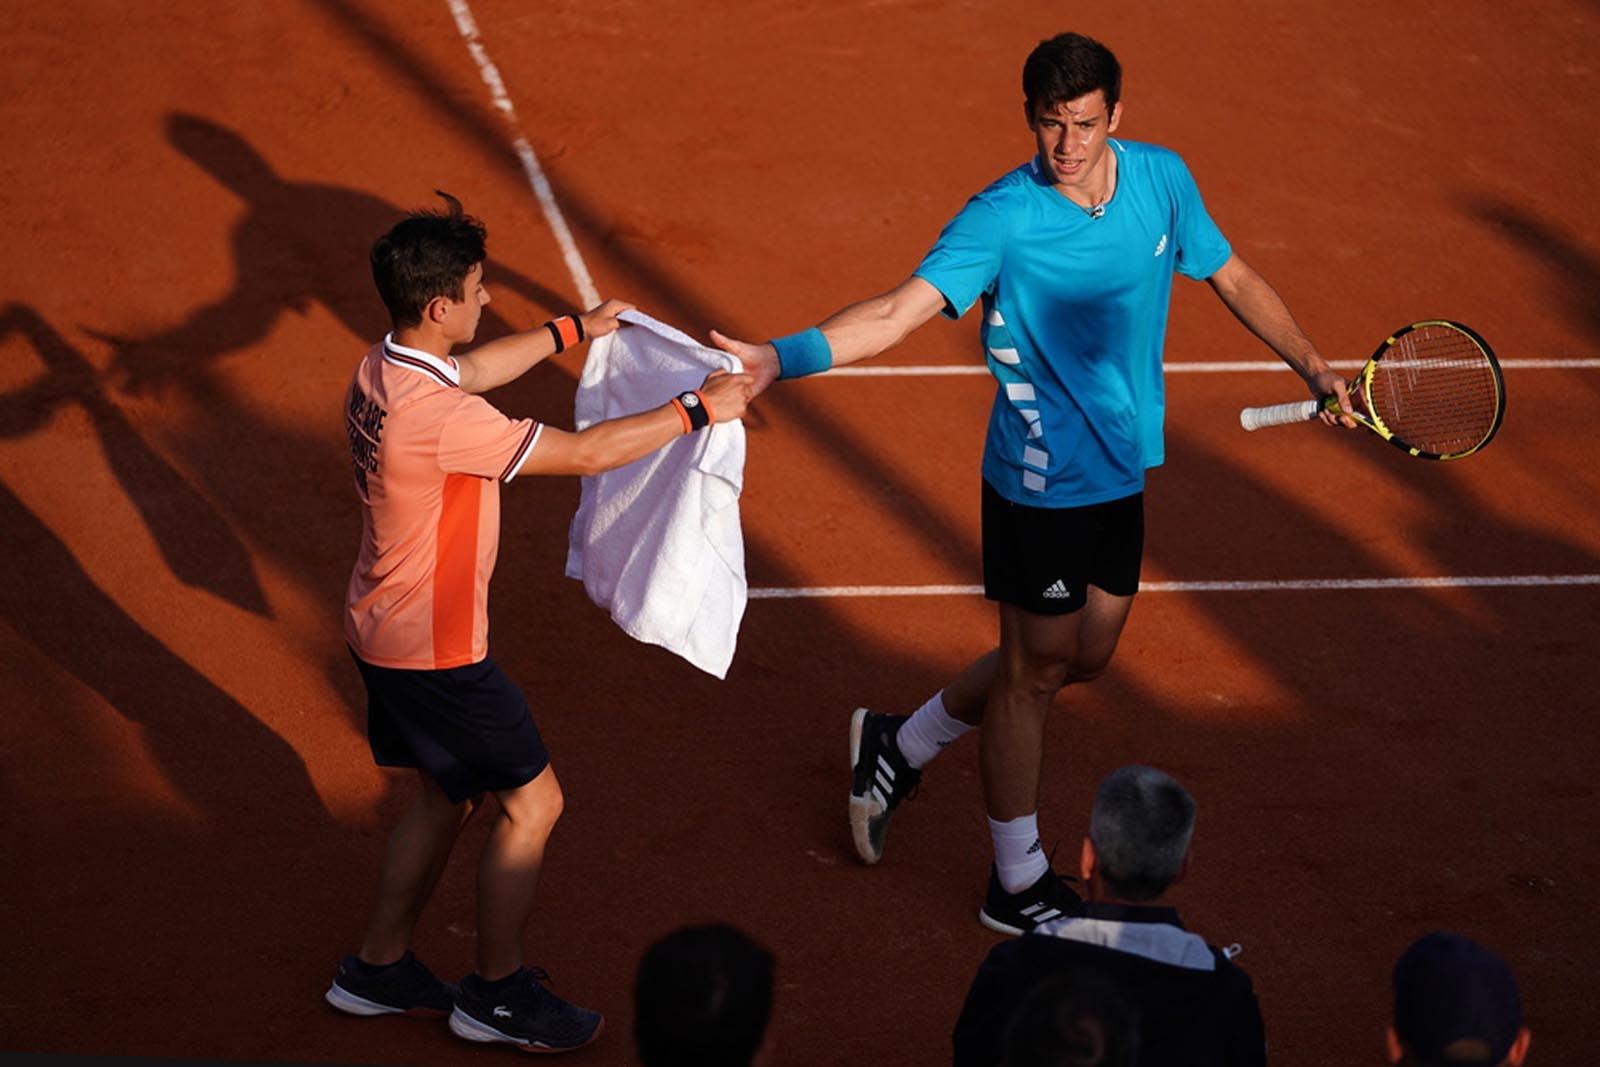 Ramasseurs de balles - Roland-Garros 2019